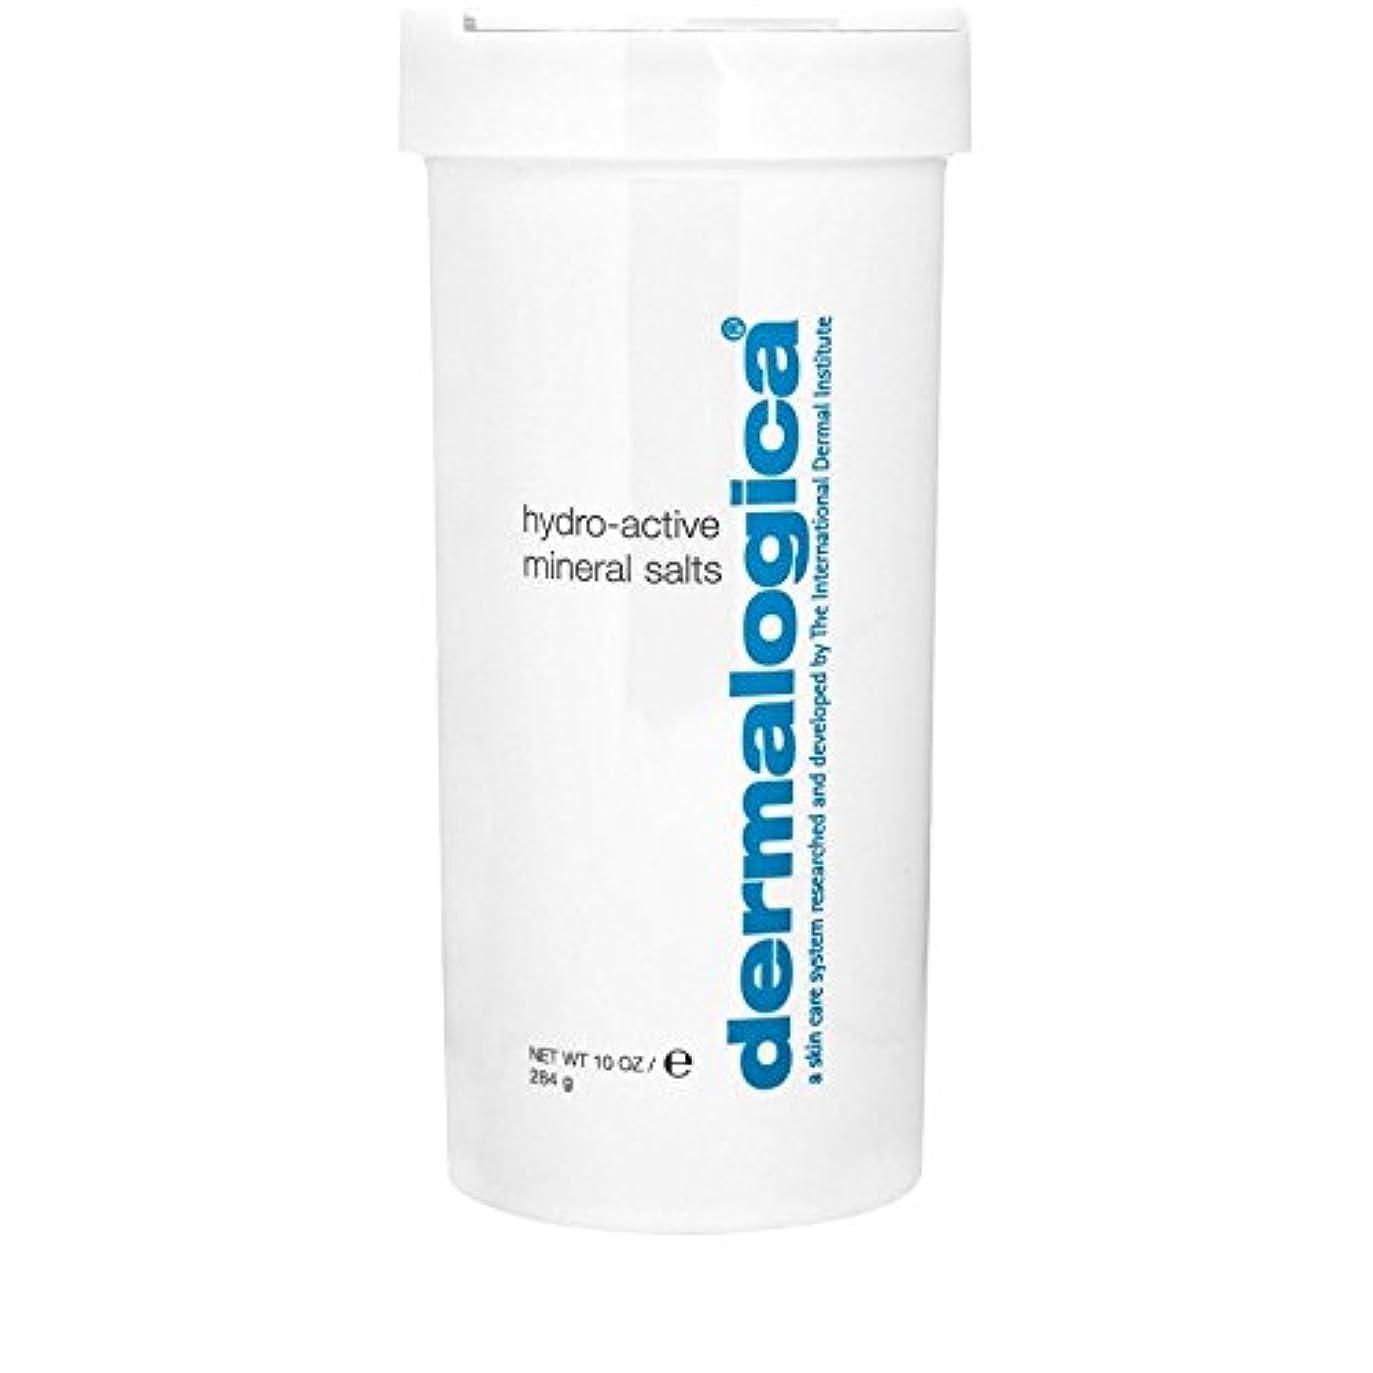 ハンディキャップ選ぶ独創的Dermalogica Hydro Active Mineral Salt 284g (Pack of 6) - ダーマロジカ水力アクティブミネラル塩284グラム x6 [並行輸入品]